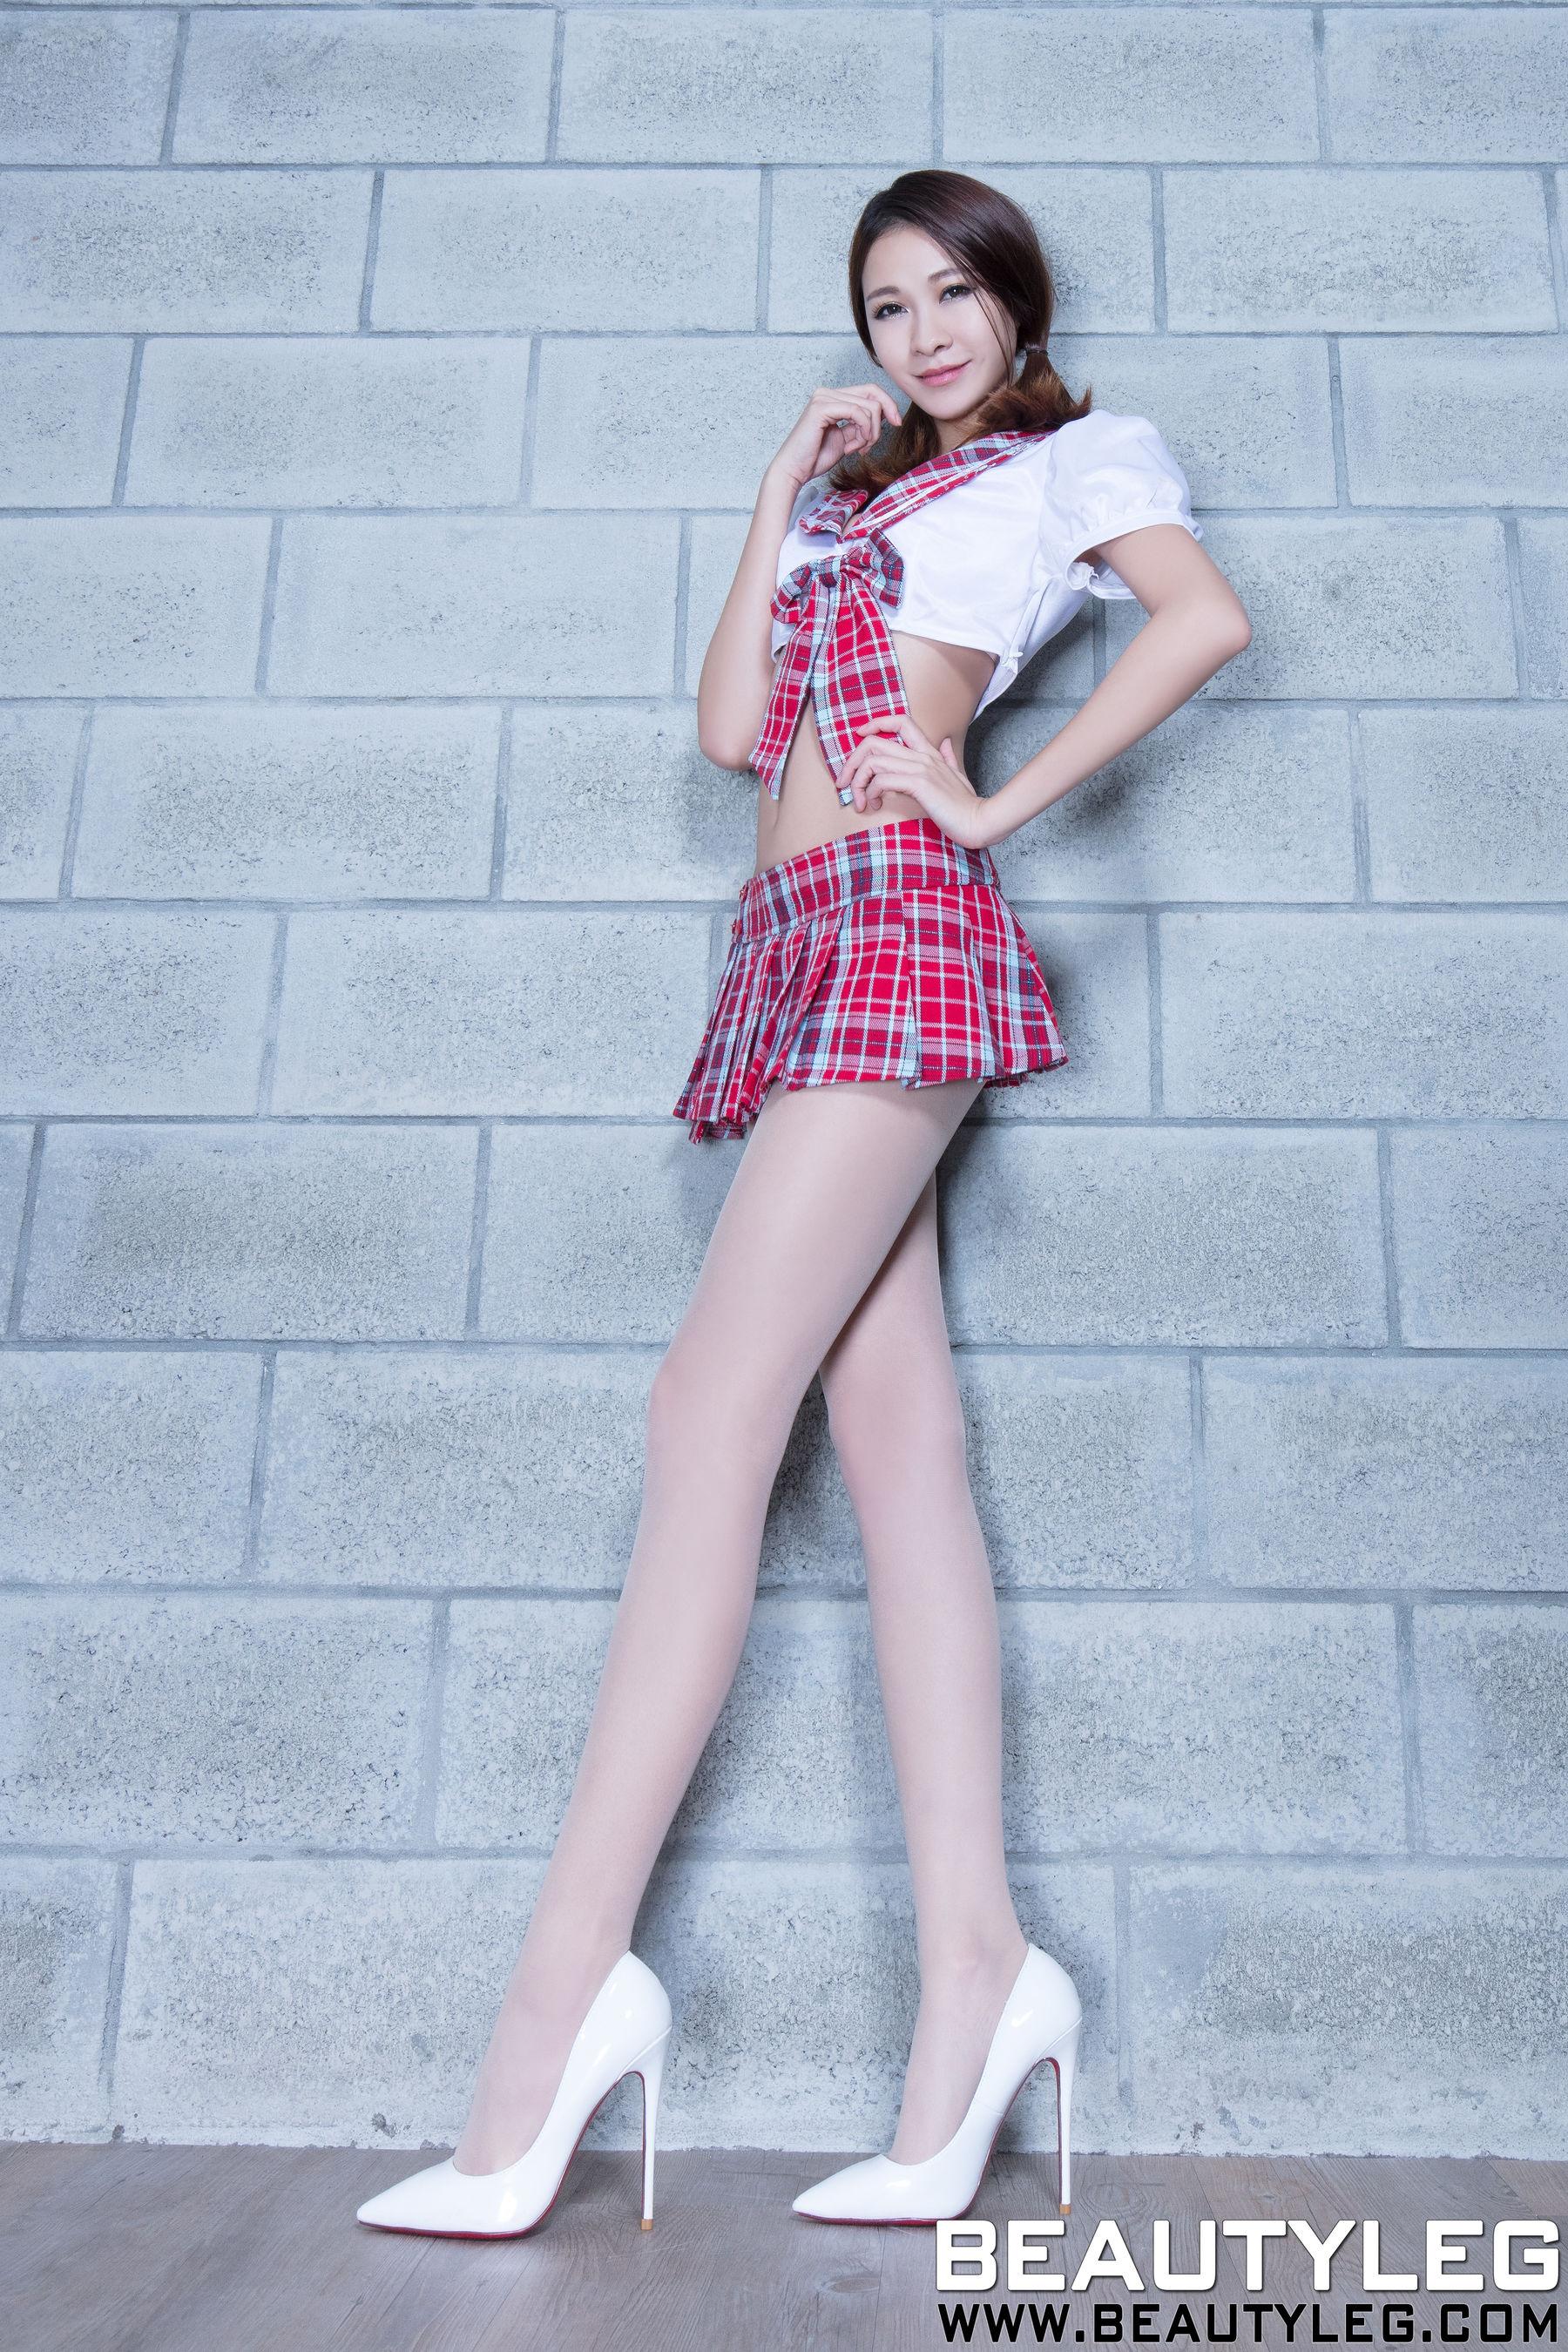 VOL.1017 [Beautyleg]制服丝袜美腿长腿美女:黄镫娴(腿模Neko)超高清个人性感漂亮大图(61P)